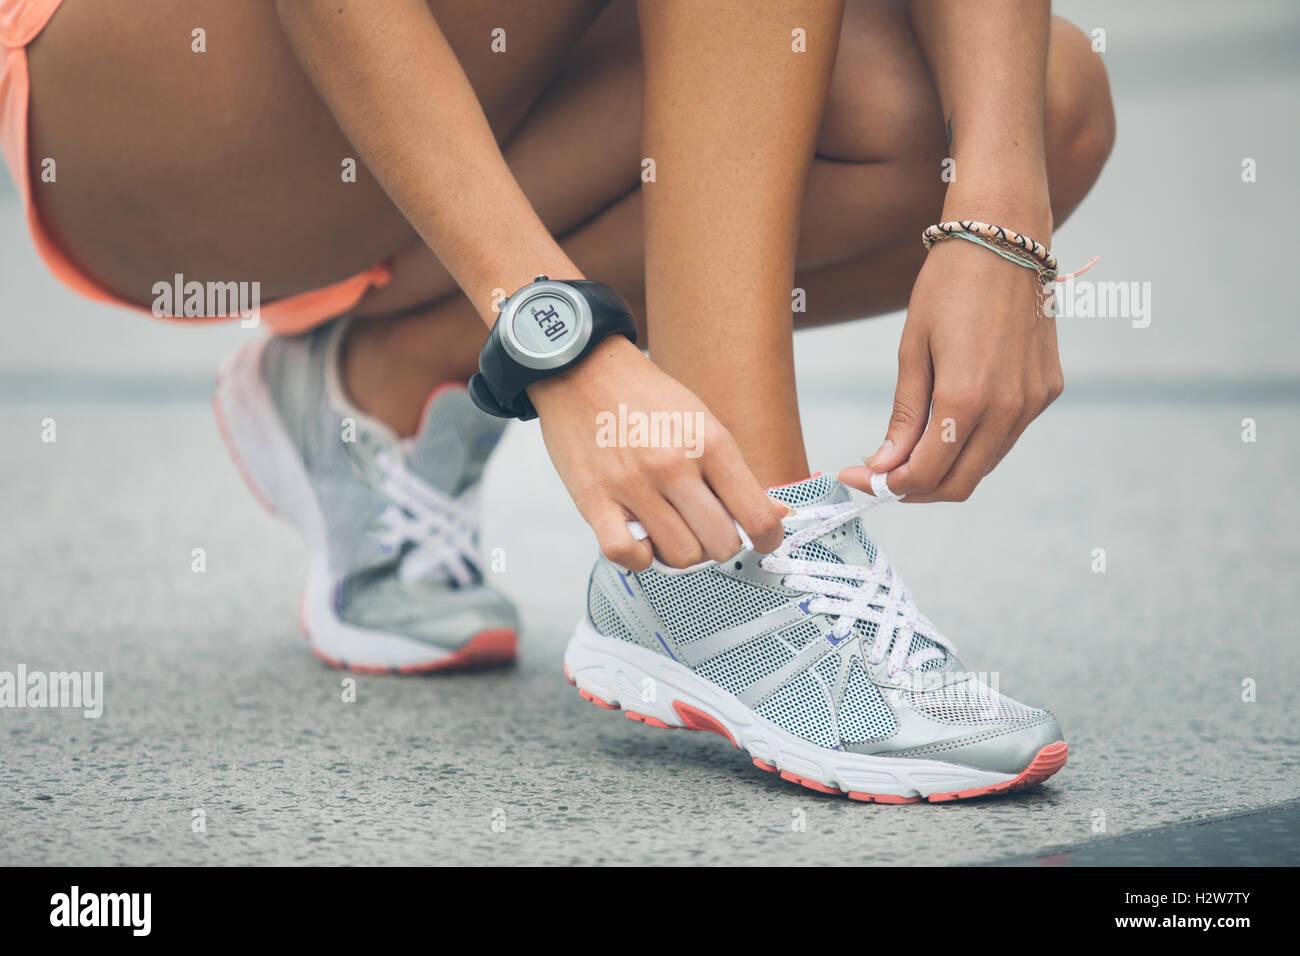 Attacher la chaussure de sport Femme Photo Stock